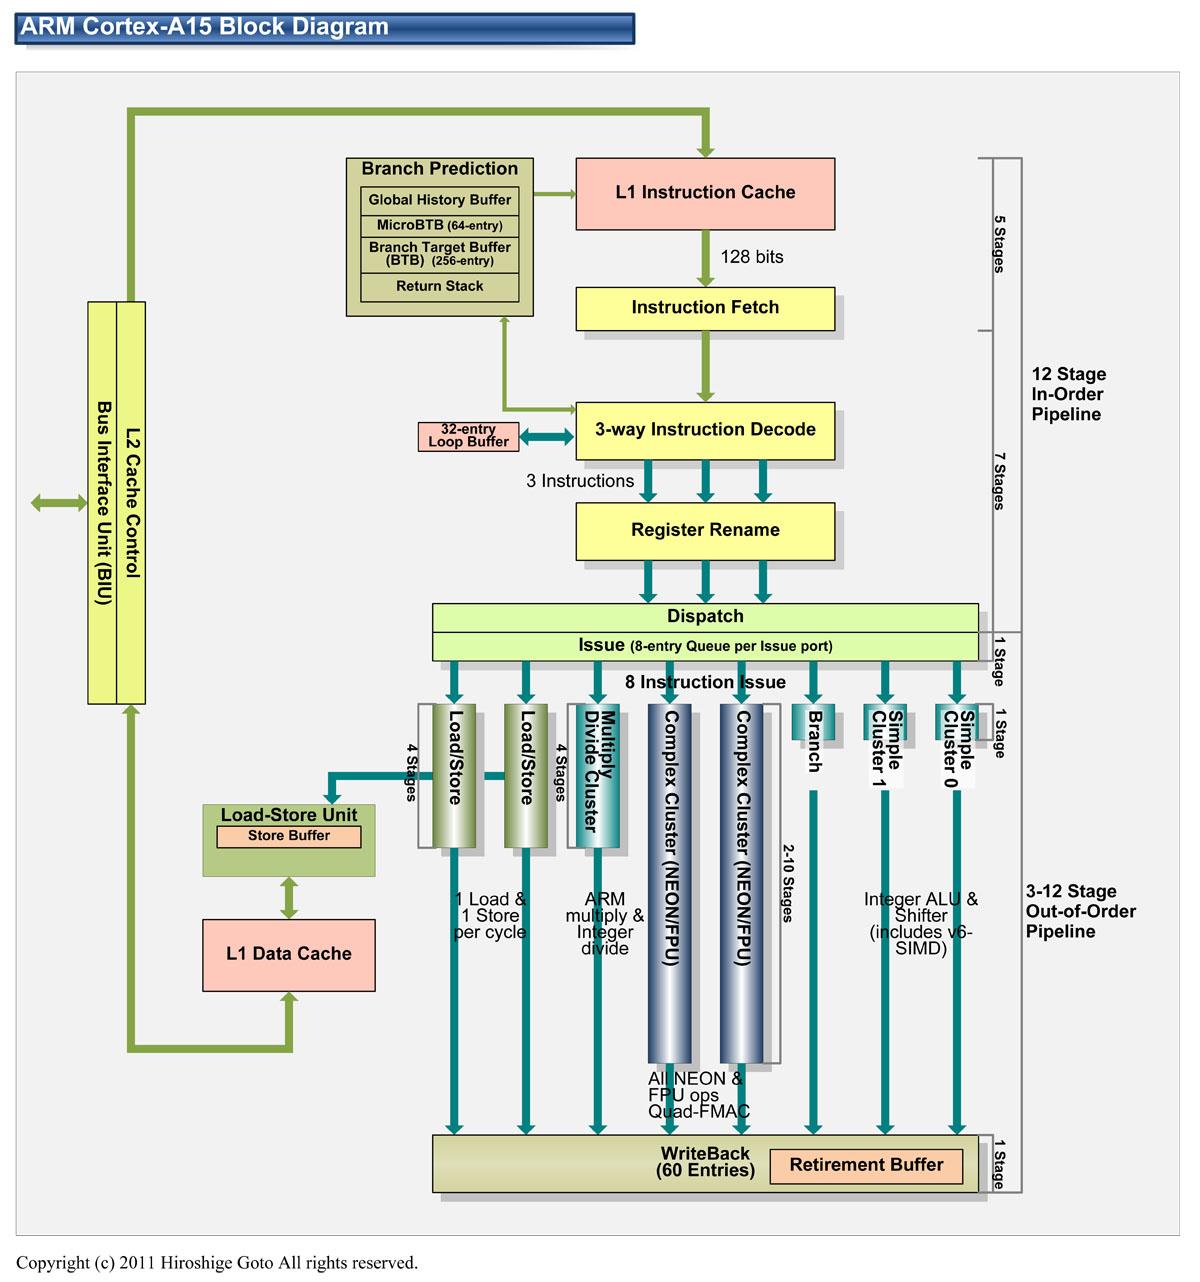 """ARM Cortex-A15ブロックダイヤグラム(PDF版は<a href=""""/video/pcw/docs/521/945/p04.pdf"""">こちら</a>)"""